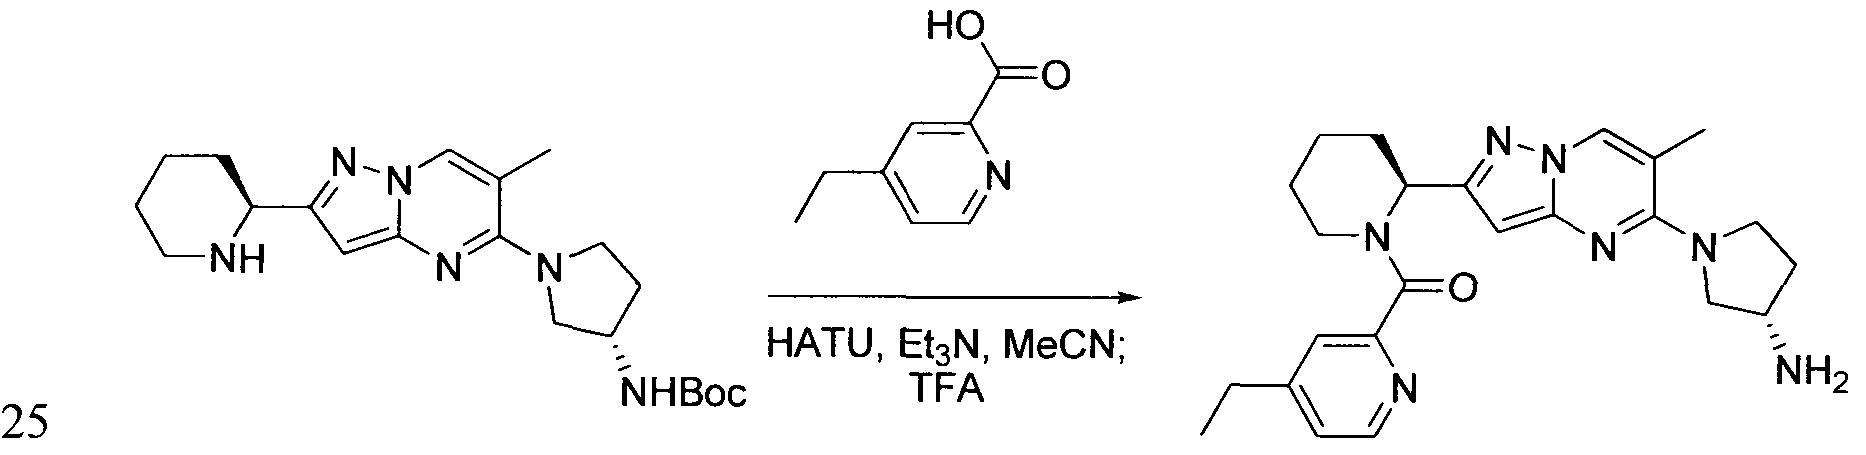 Figure imgf000440_0002